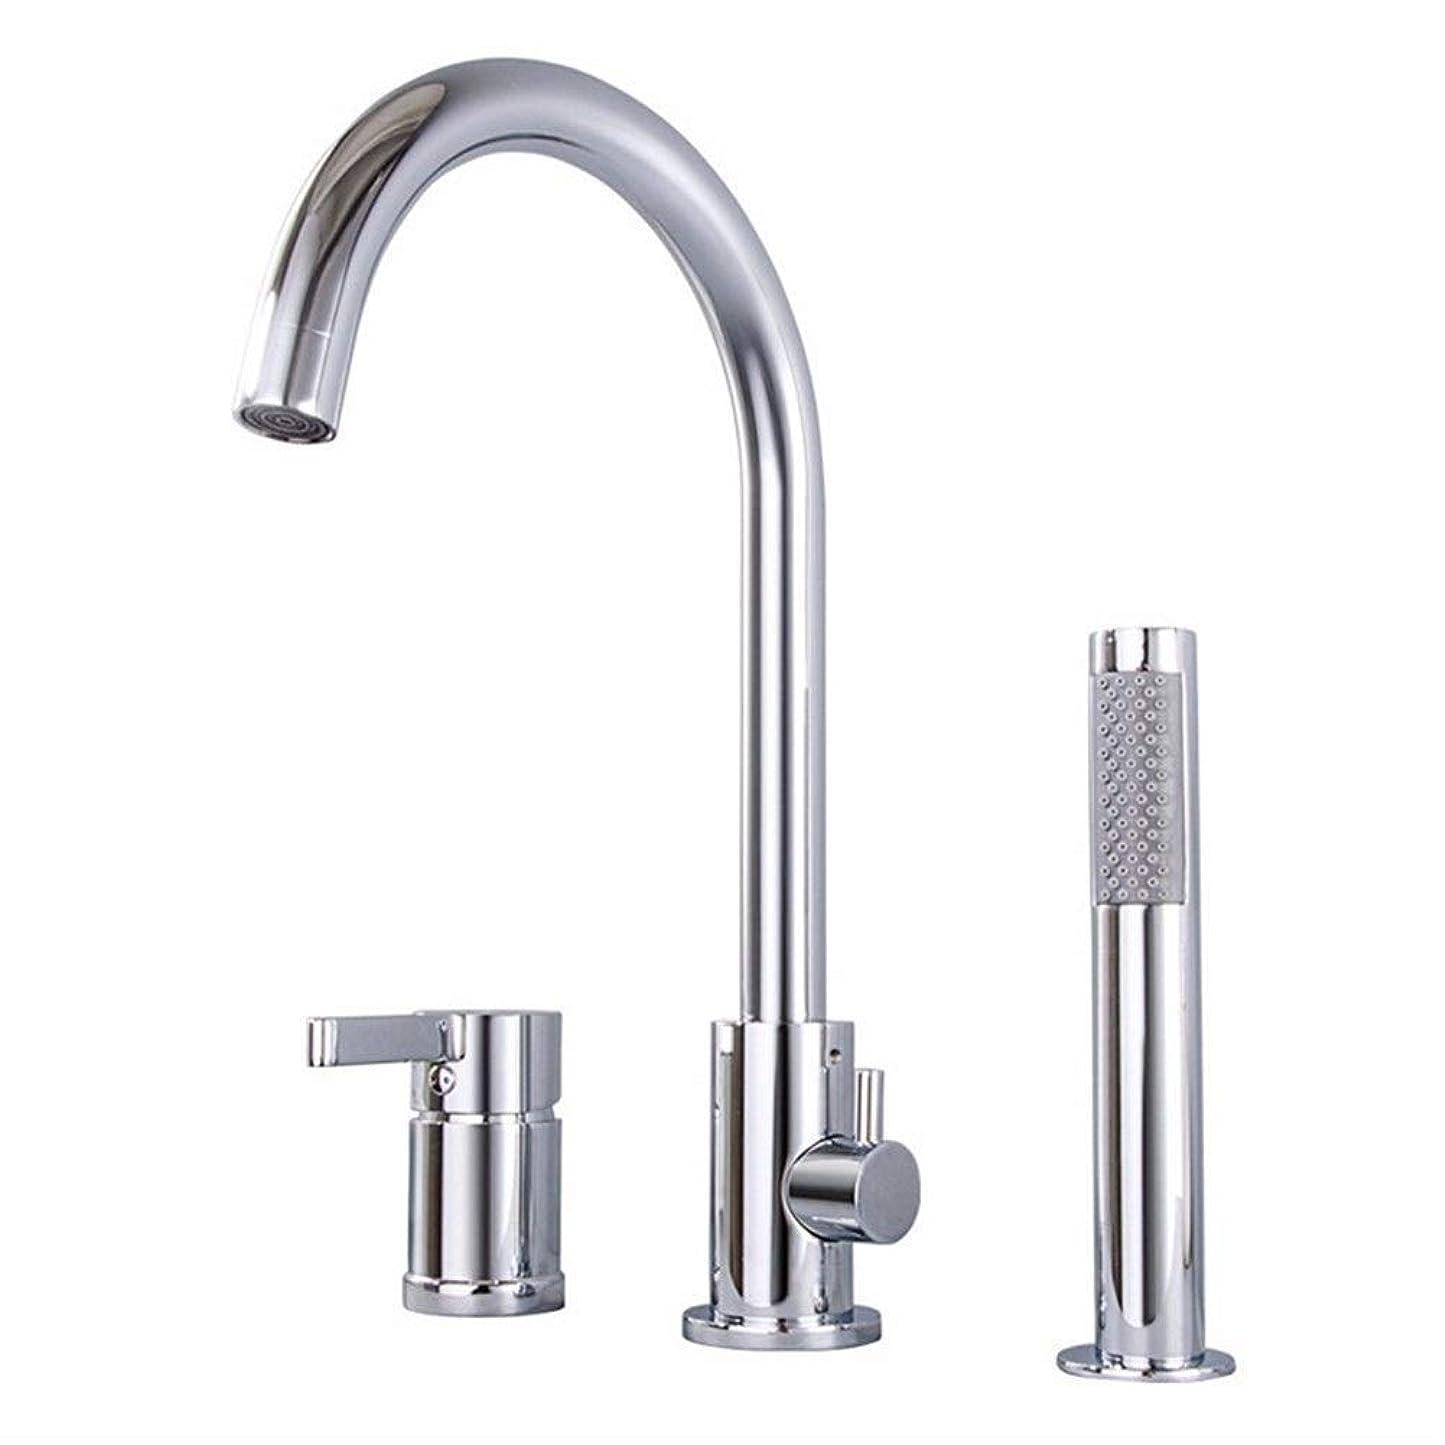 アイザックスケート鎖Luckya ハンドシャワー浴室のシャワーバスタブコンボ蛇口、スリーピースの銅の浴槽の蛇口、シリンダ側ホットとコールド蛇口プルシャワーセット、簡単なインストール